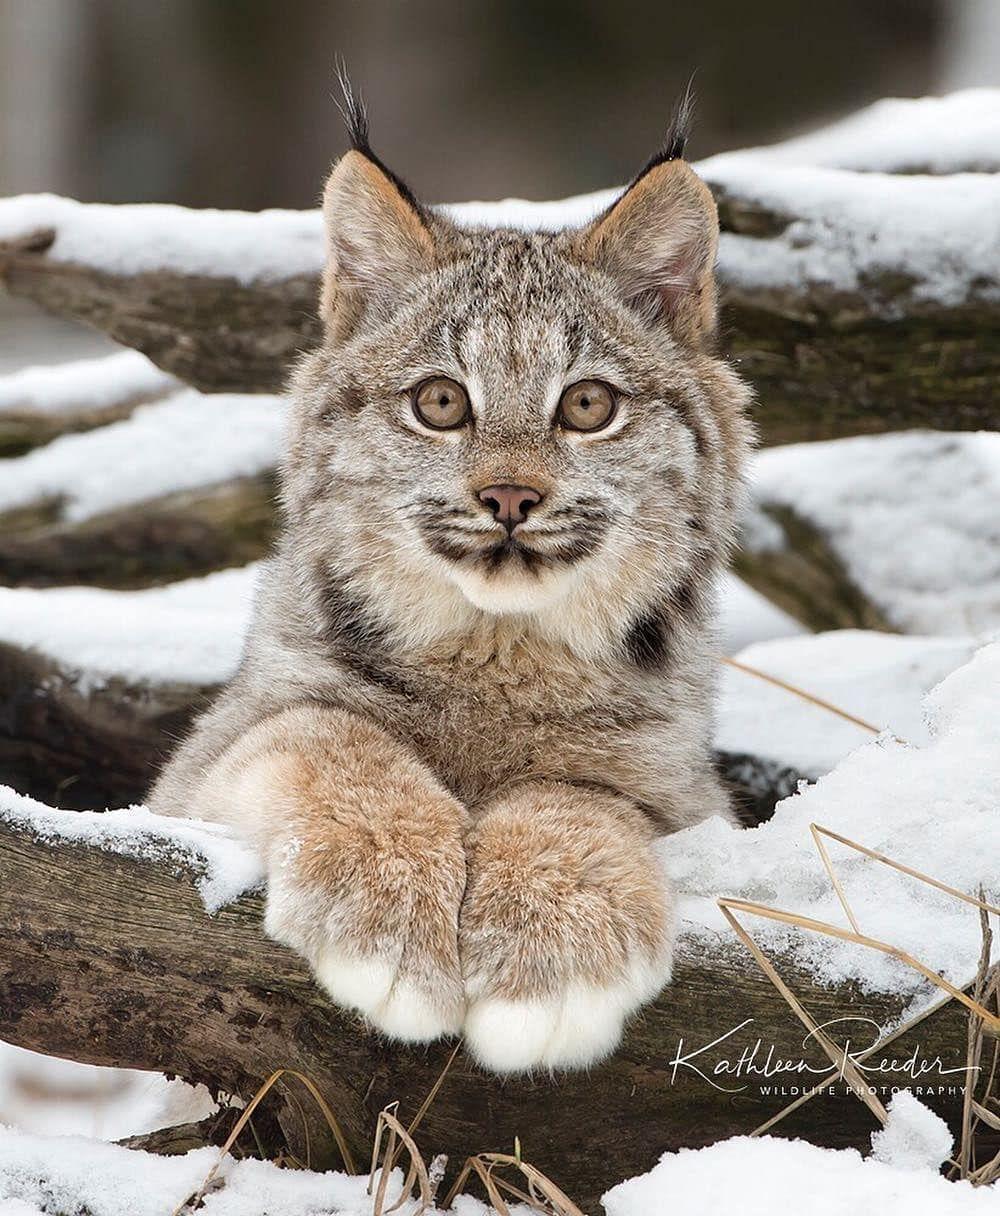 A floofy little Canada Lynx kitten 🔥 NatureIsFuckingLit